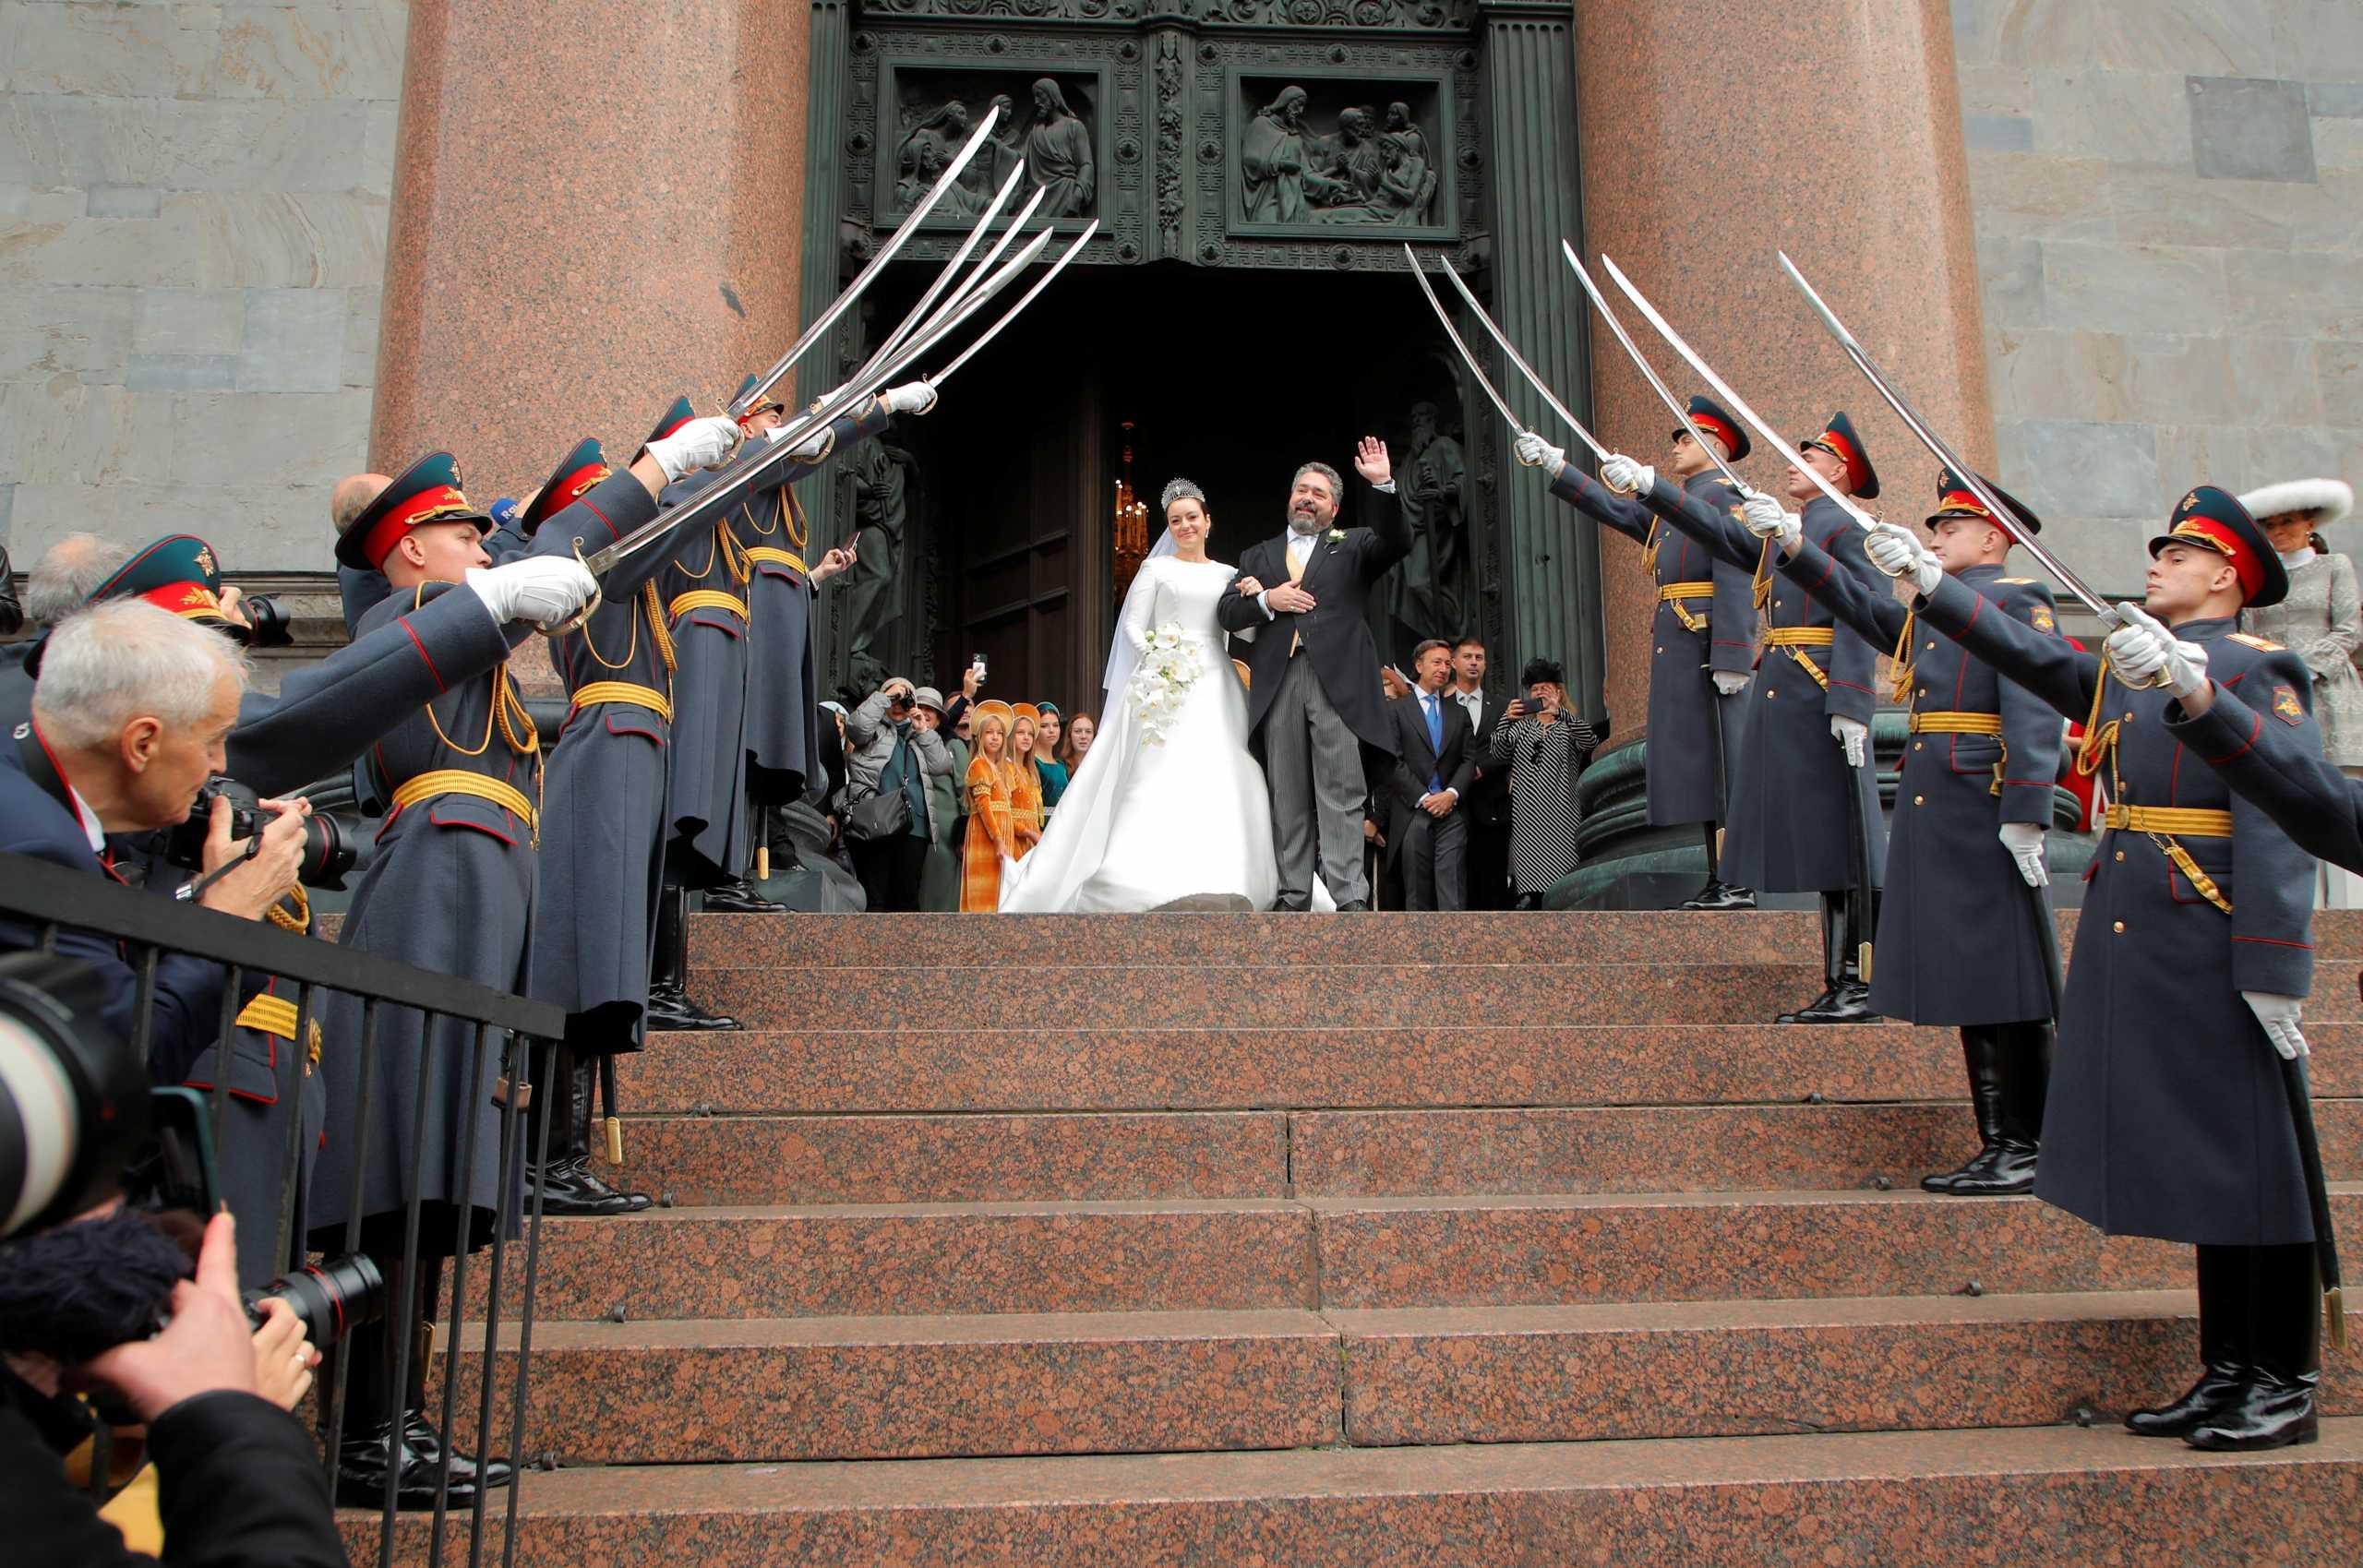 Ρωσία: Υπερπολυτελής βασιλικός γάμος για απόγονο των Ρομανόφ – Ο πρώτος από το 1917